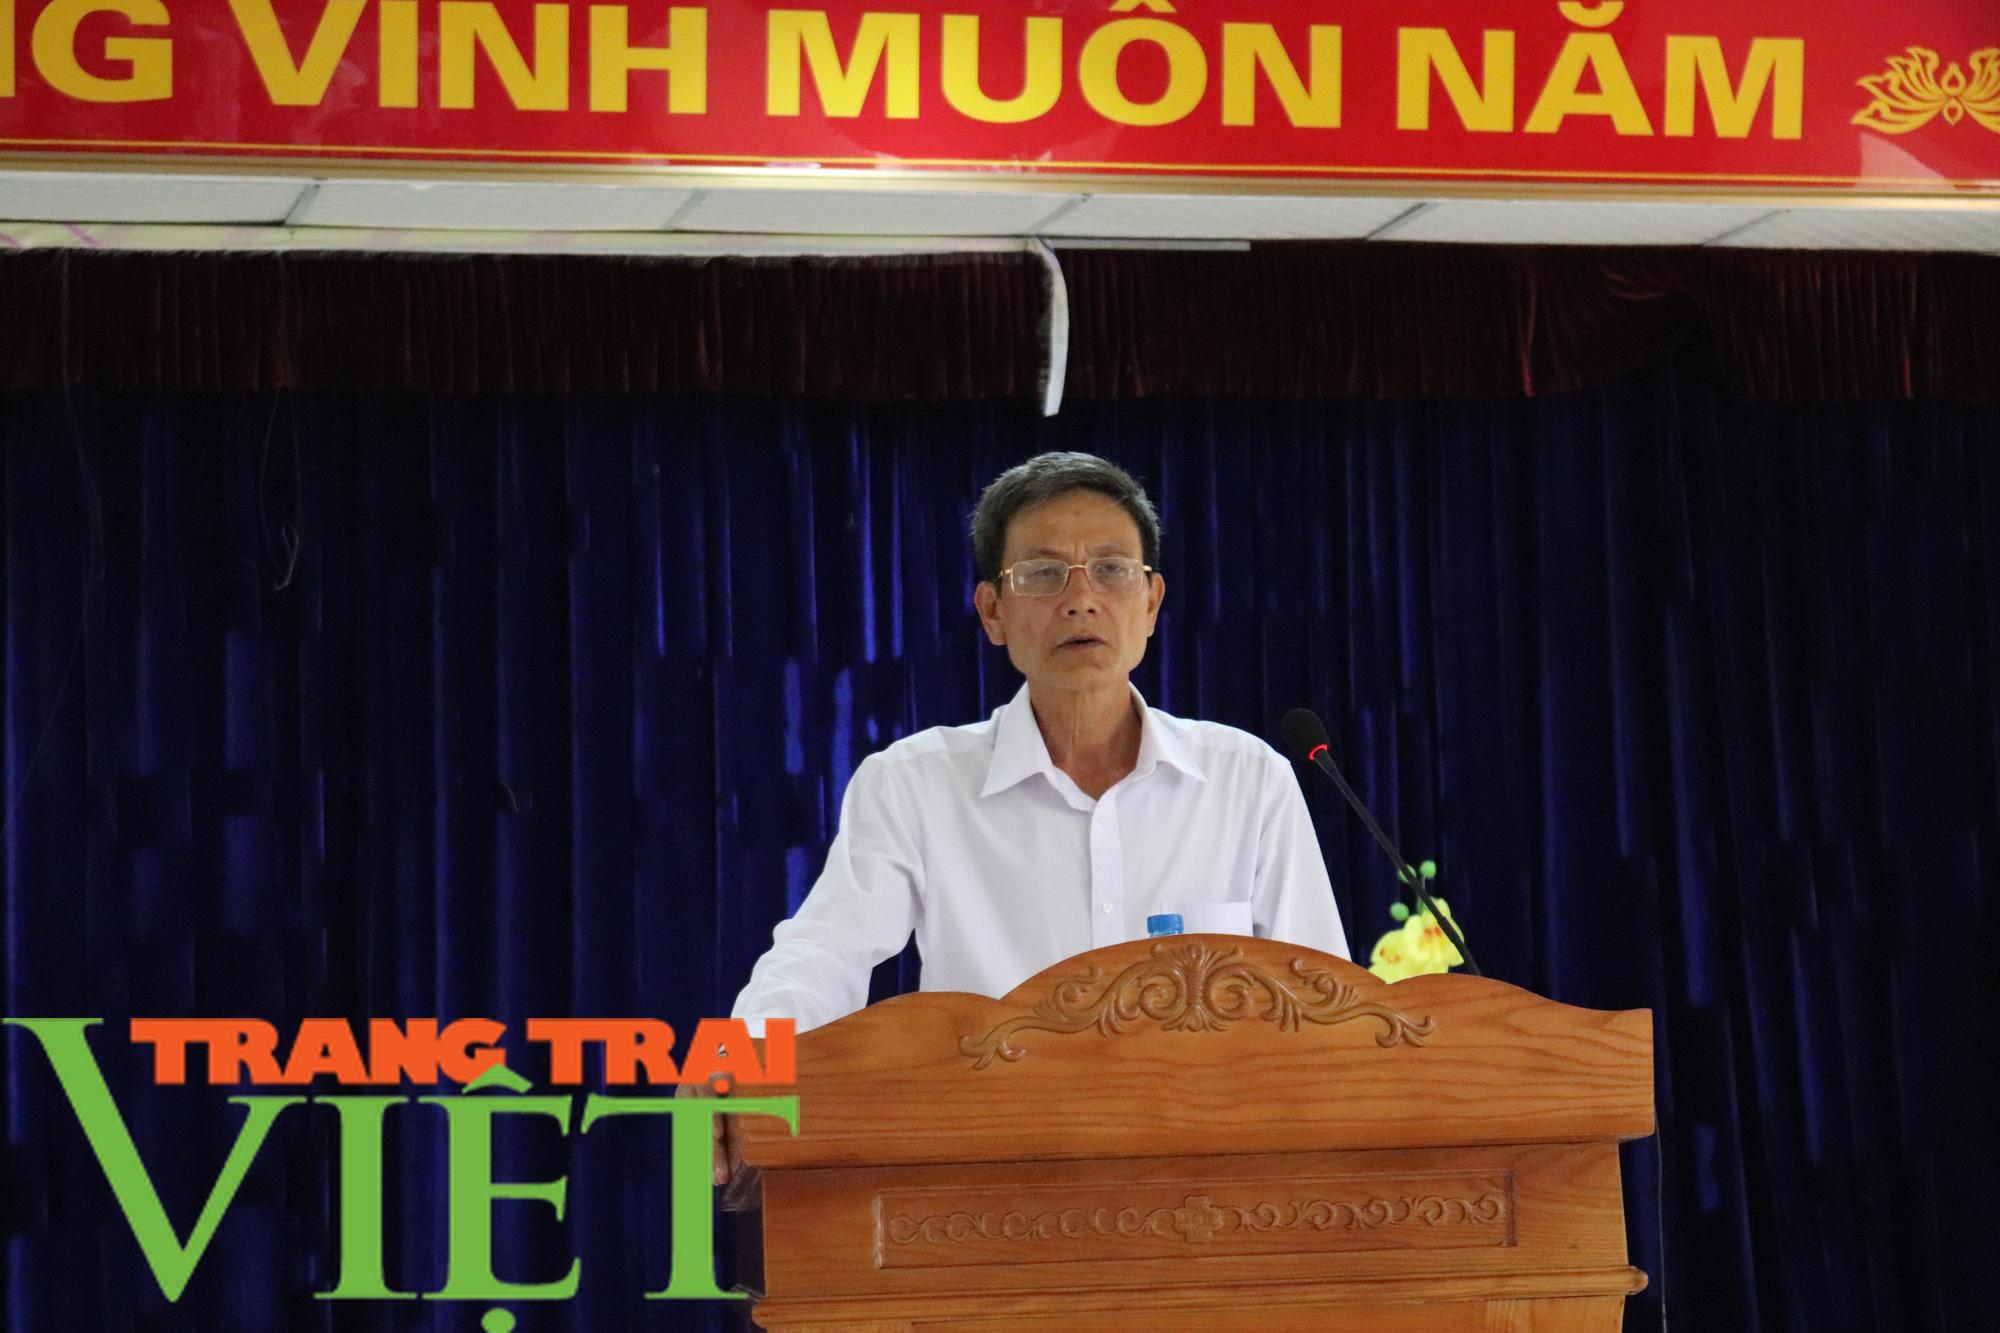 Hội Nông dân nâng cao trách nhiệm trong lãnh đạo công tác Hội  - Ảnh 5.